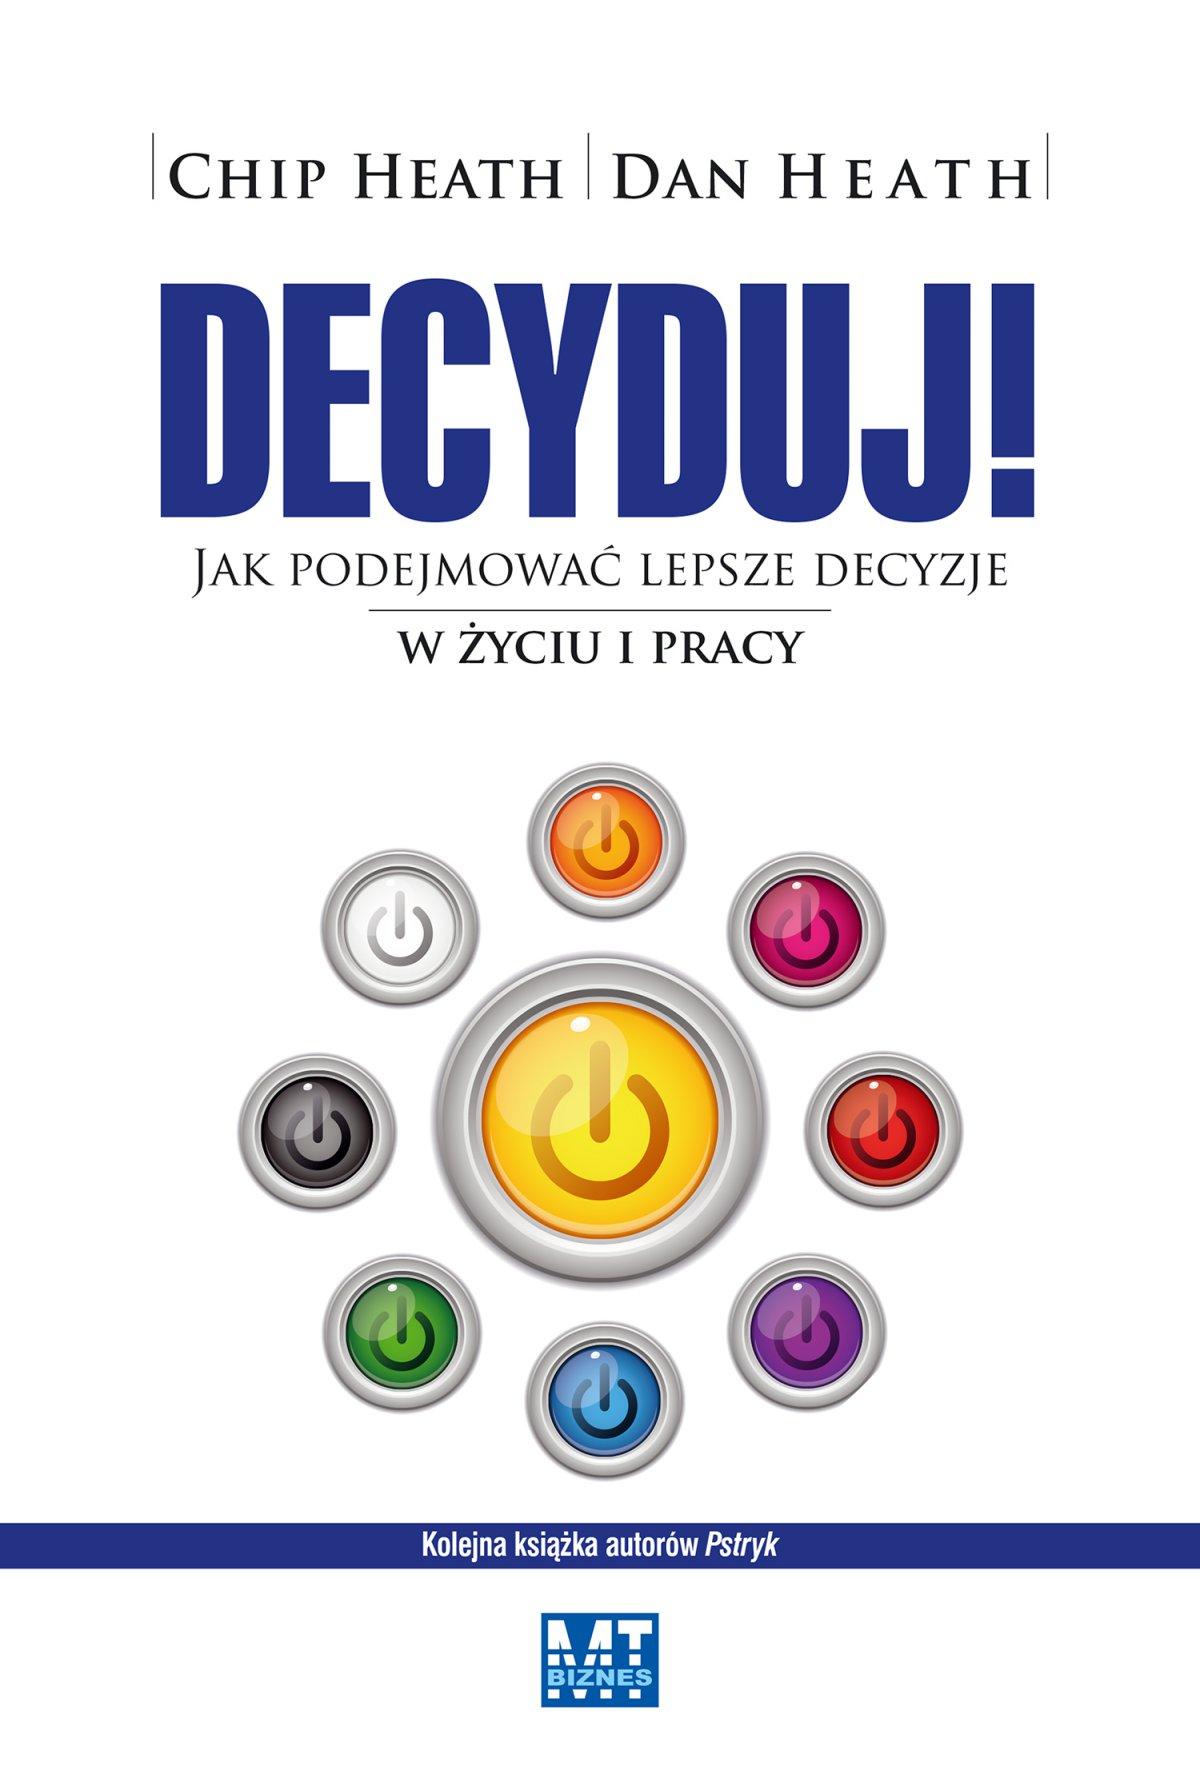 Decyduj! - Ebook (Książka na Kindle) do pobrania w formacie MOBI